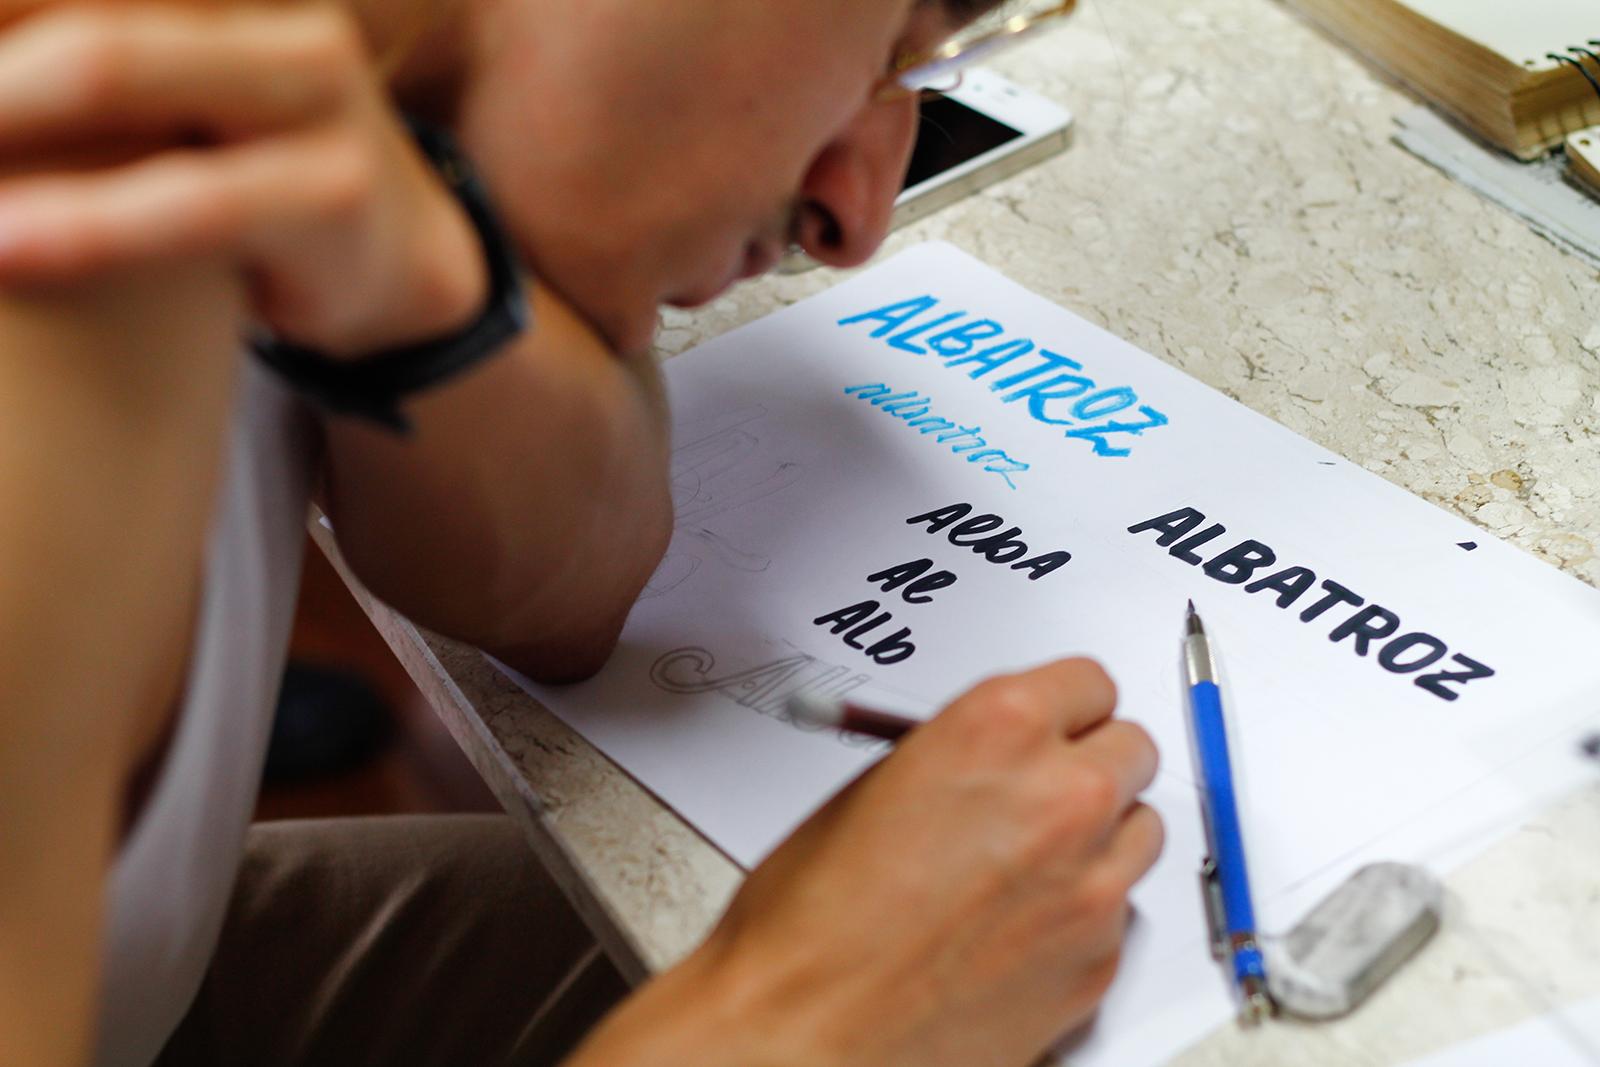 Bruno Projeto Albatroz Criação do Cartaz